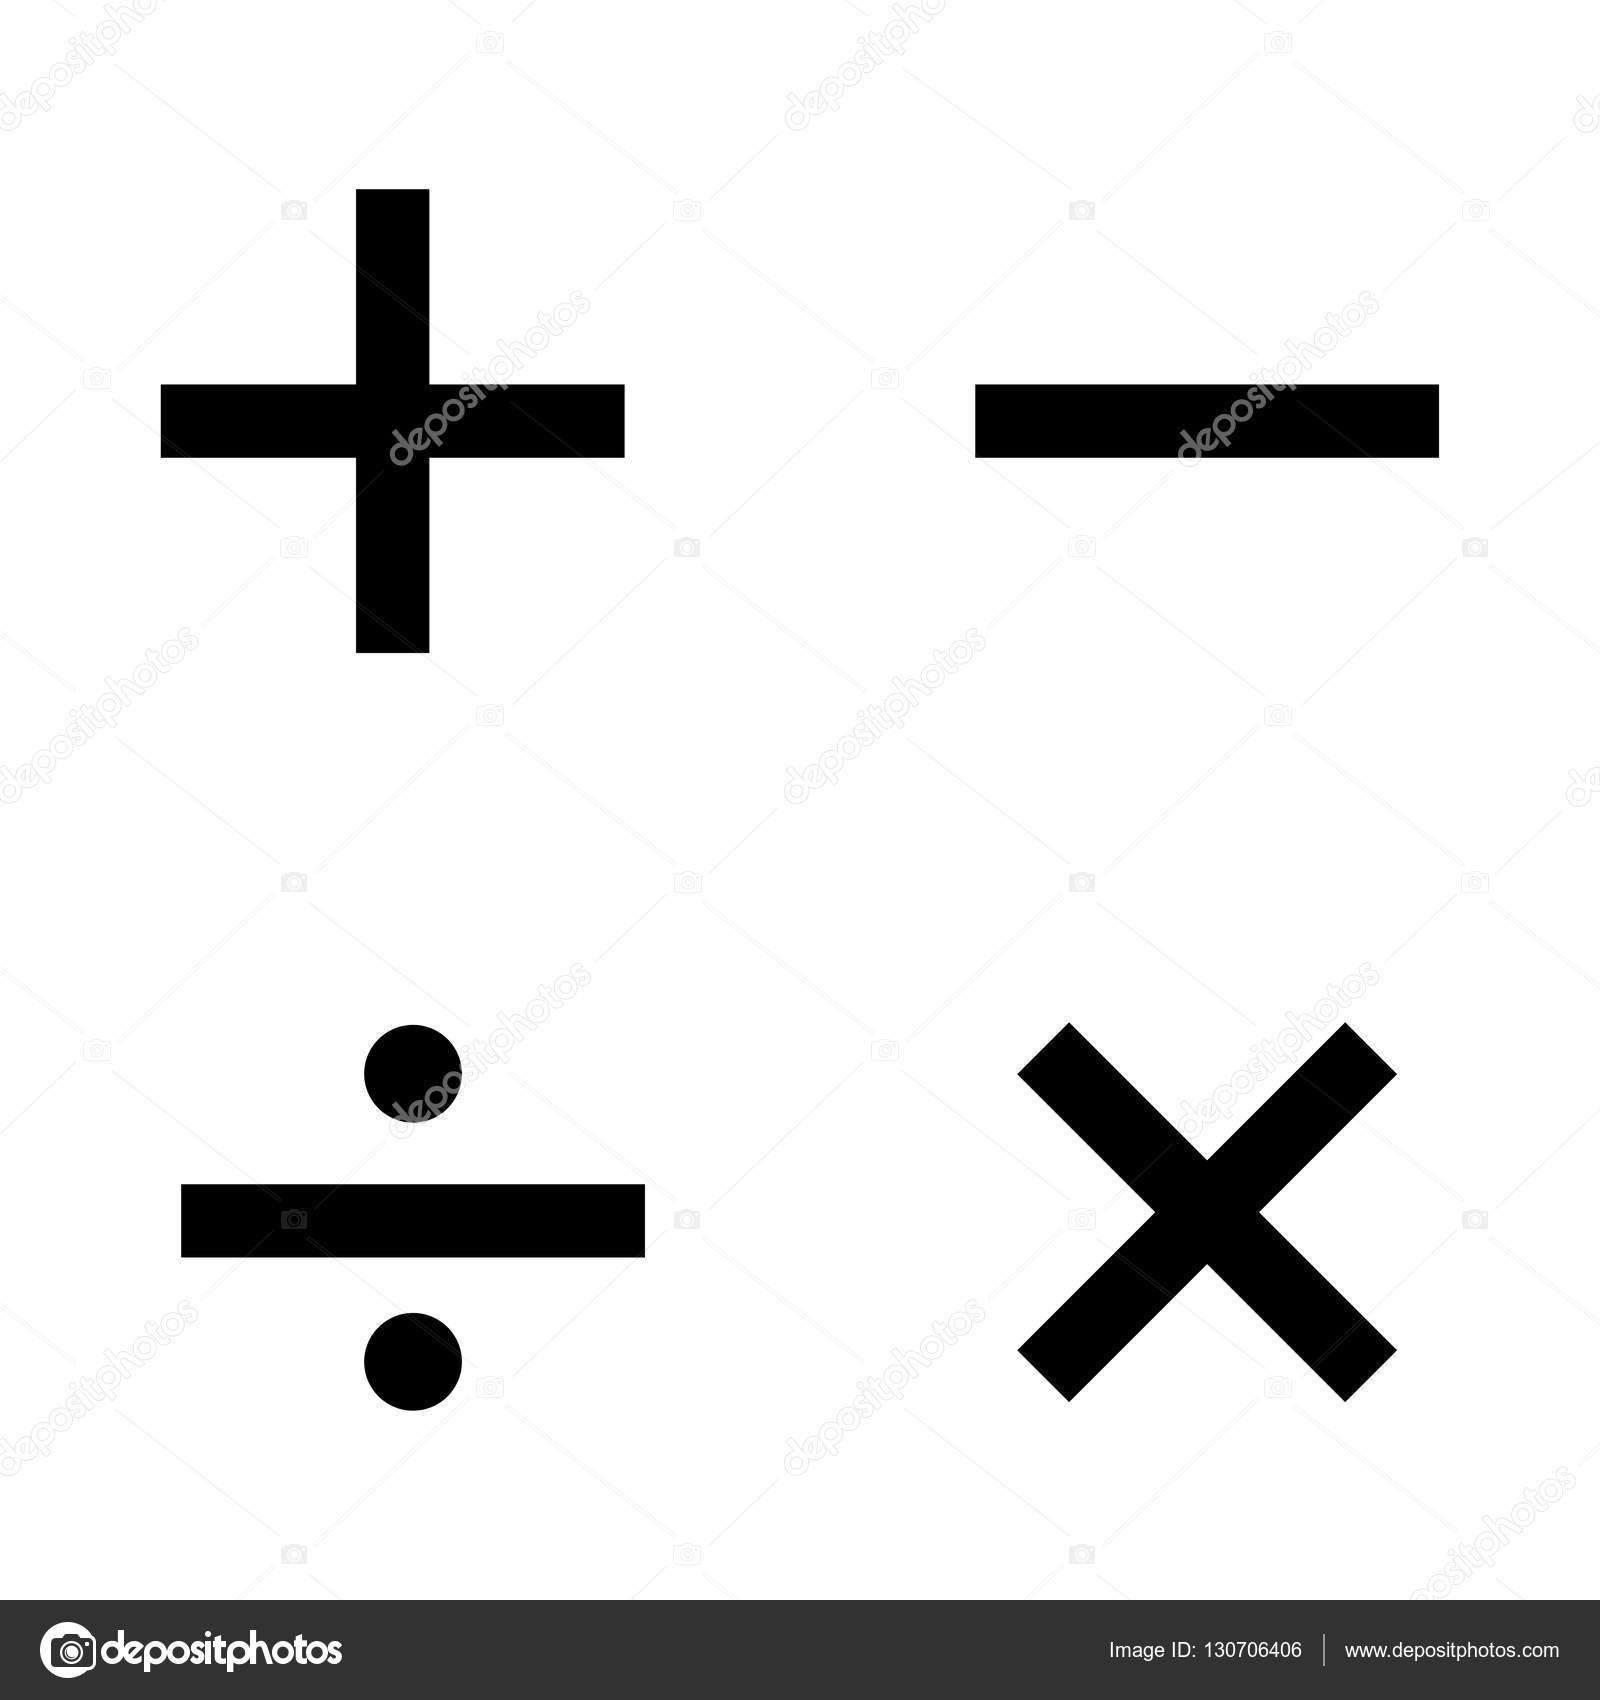 Basic mathematical symbols on white background stock vector basic mathematical symbols on white background stock vector biocorpaavc Gallery